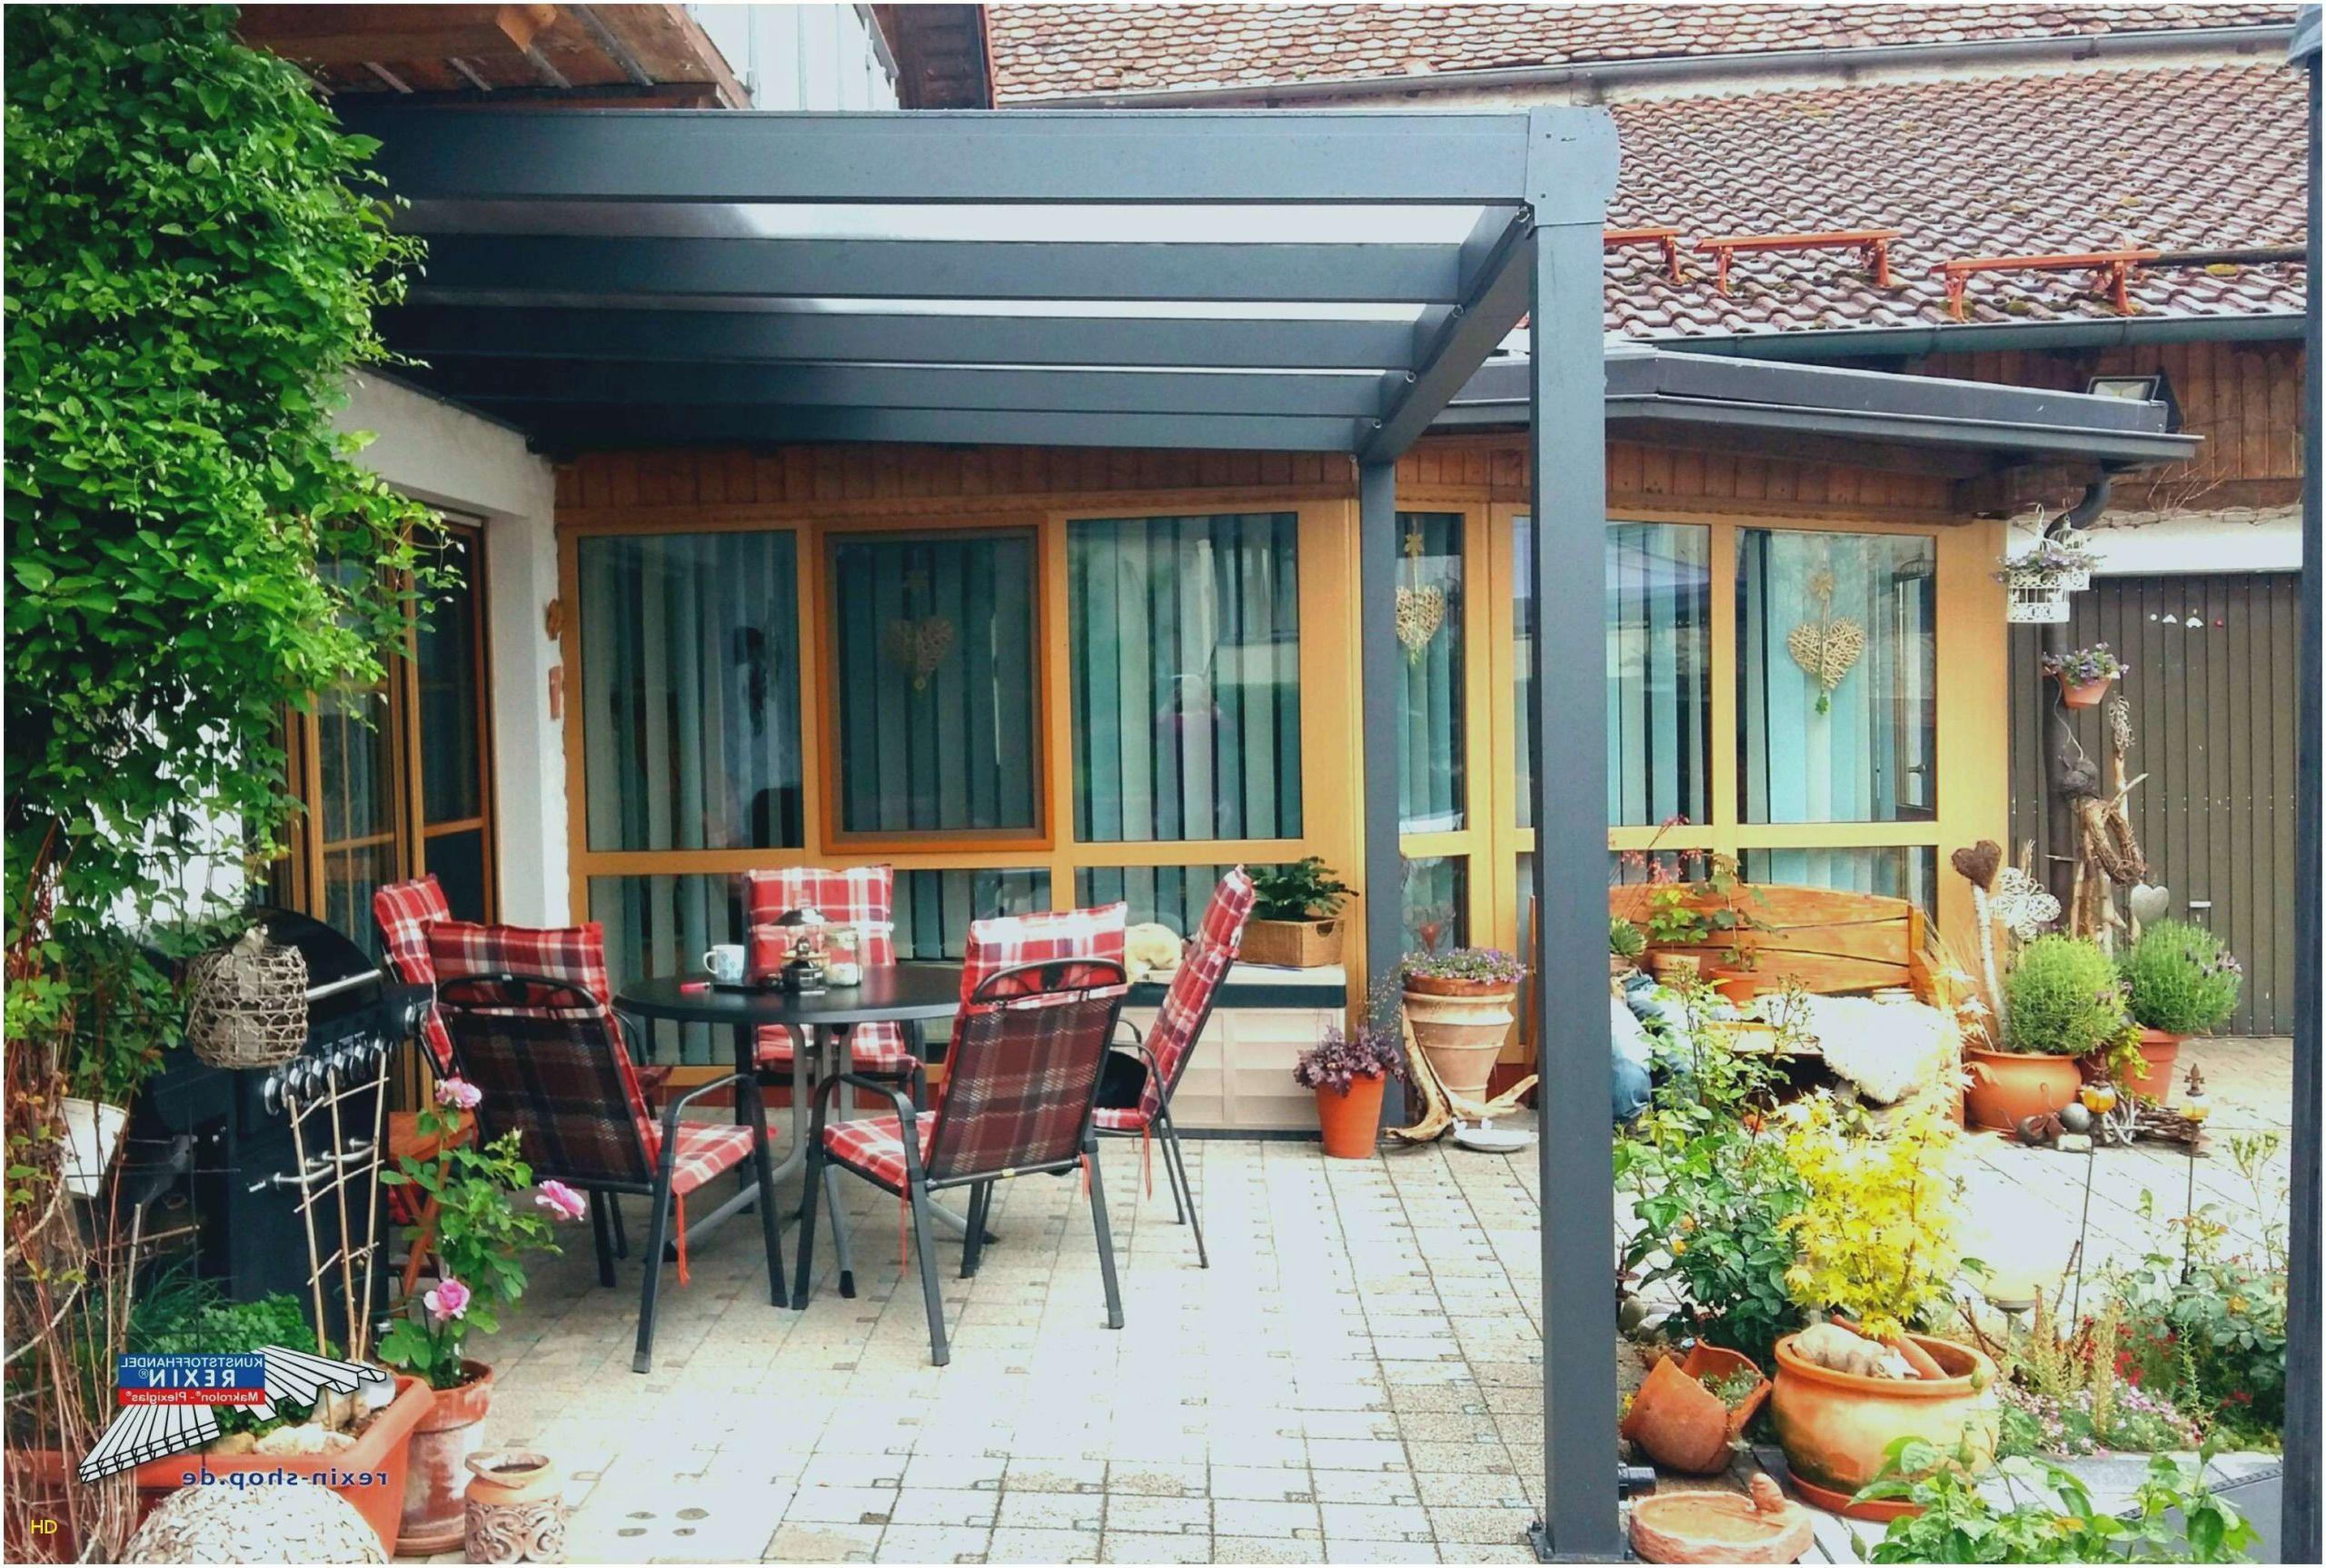 tapis exterieur balcon tapis pour terrasse charmant veranda en bois unique veranda terrasse glasschiebewand terrasse 0d elegant unique tapis pour terrasse pour excellent tapis exterieur balc